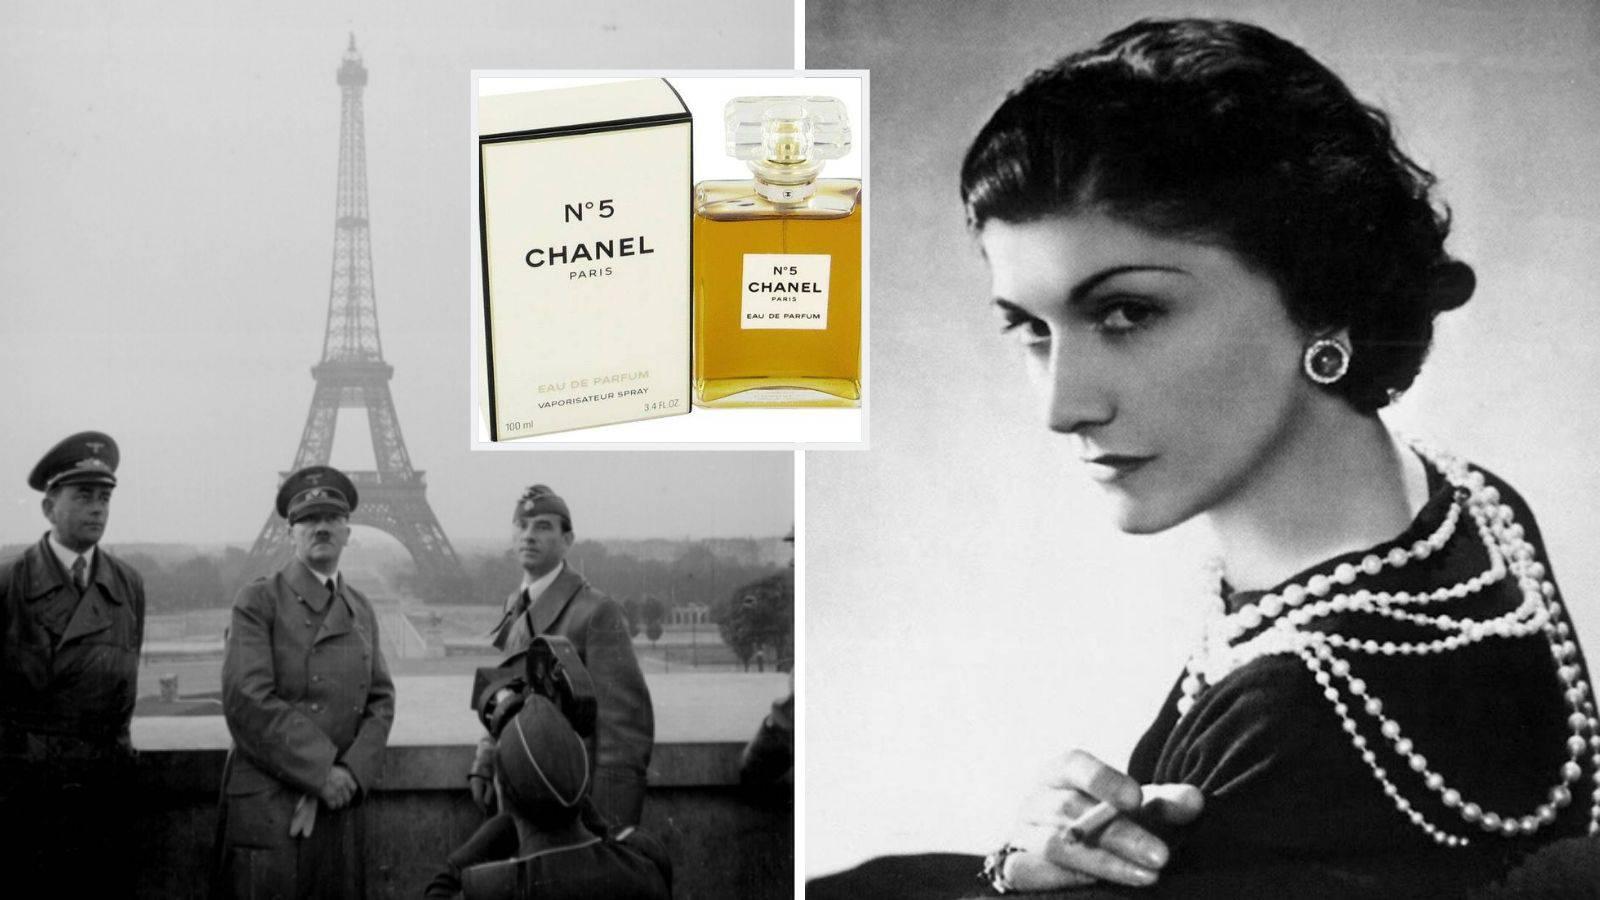 'Sočni' detalji iz života fatalne Coco: Voljela plemića i nacista